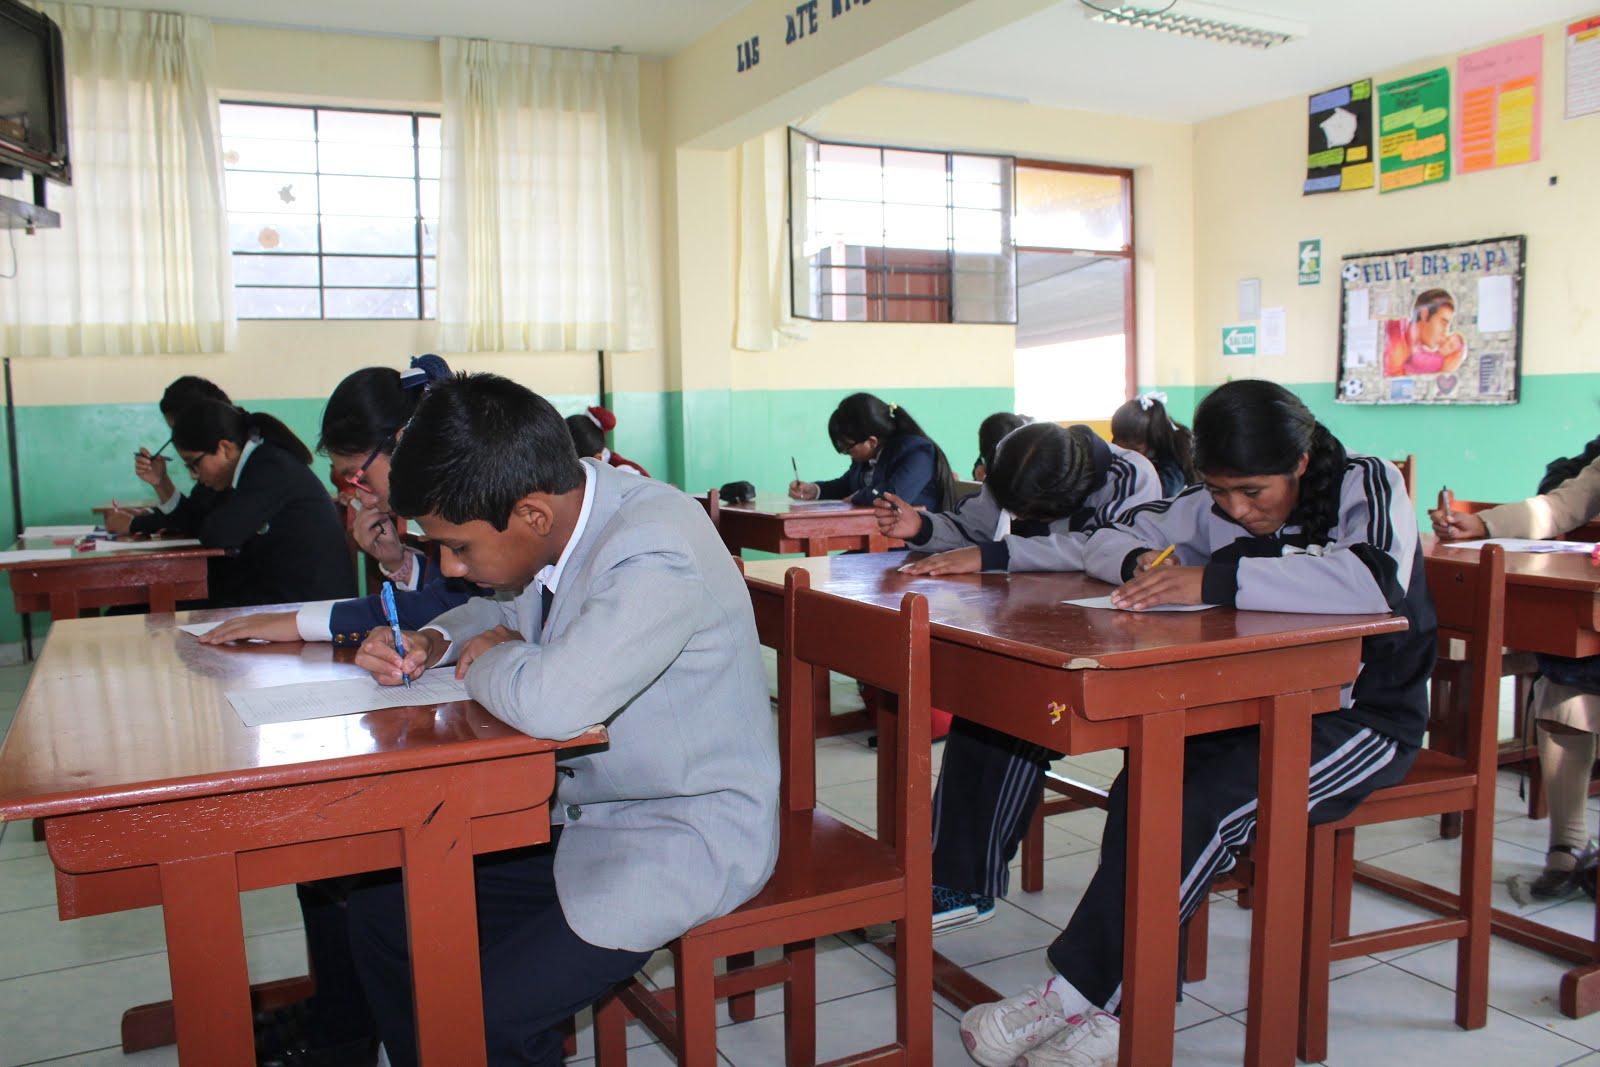 Concurso escolar escribiendo con propiedad y correcci n for Curso concurso docente 2016